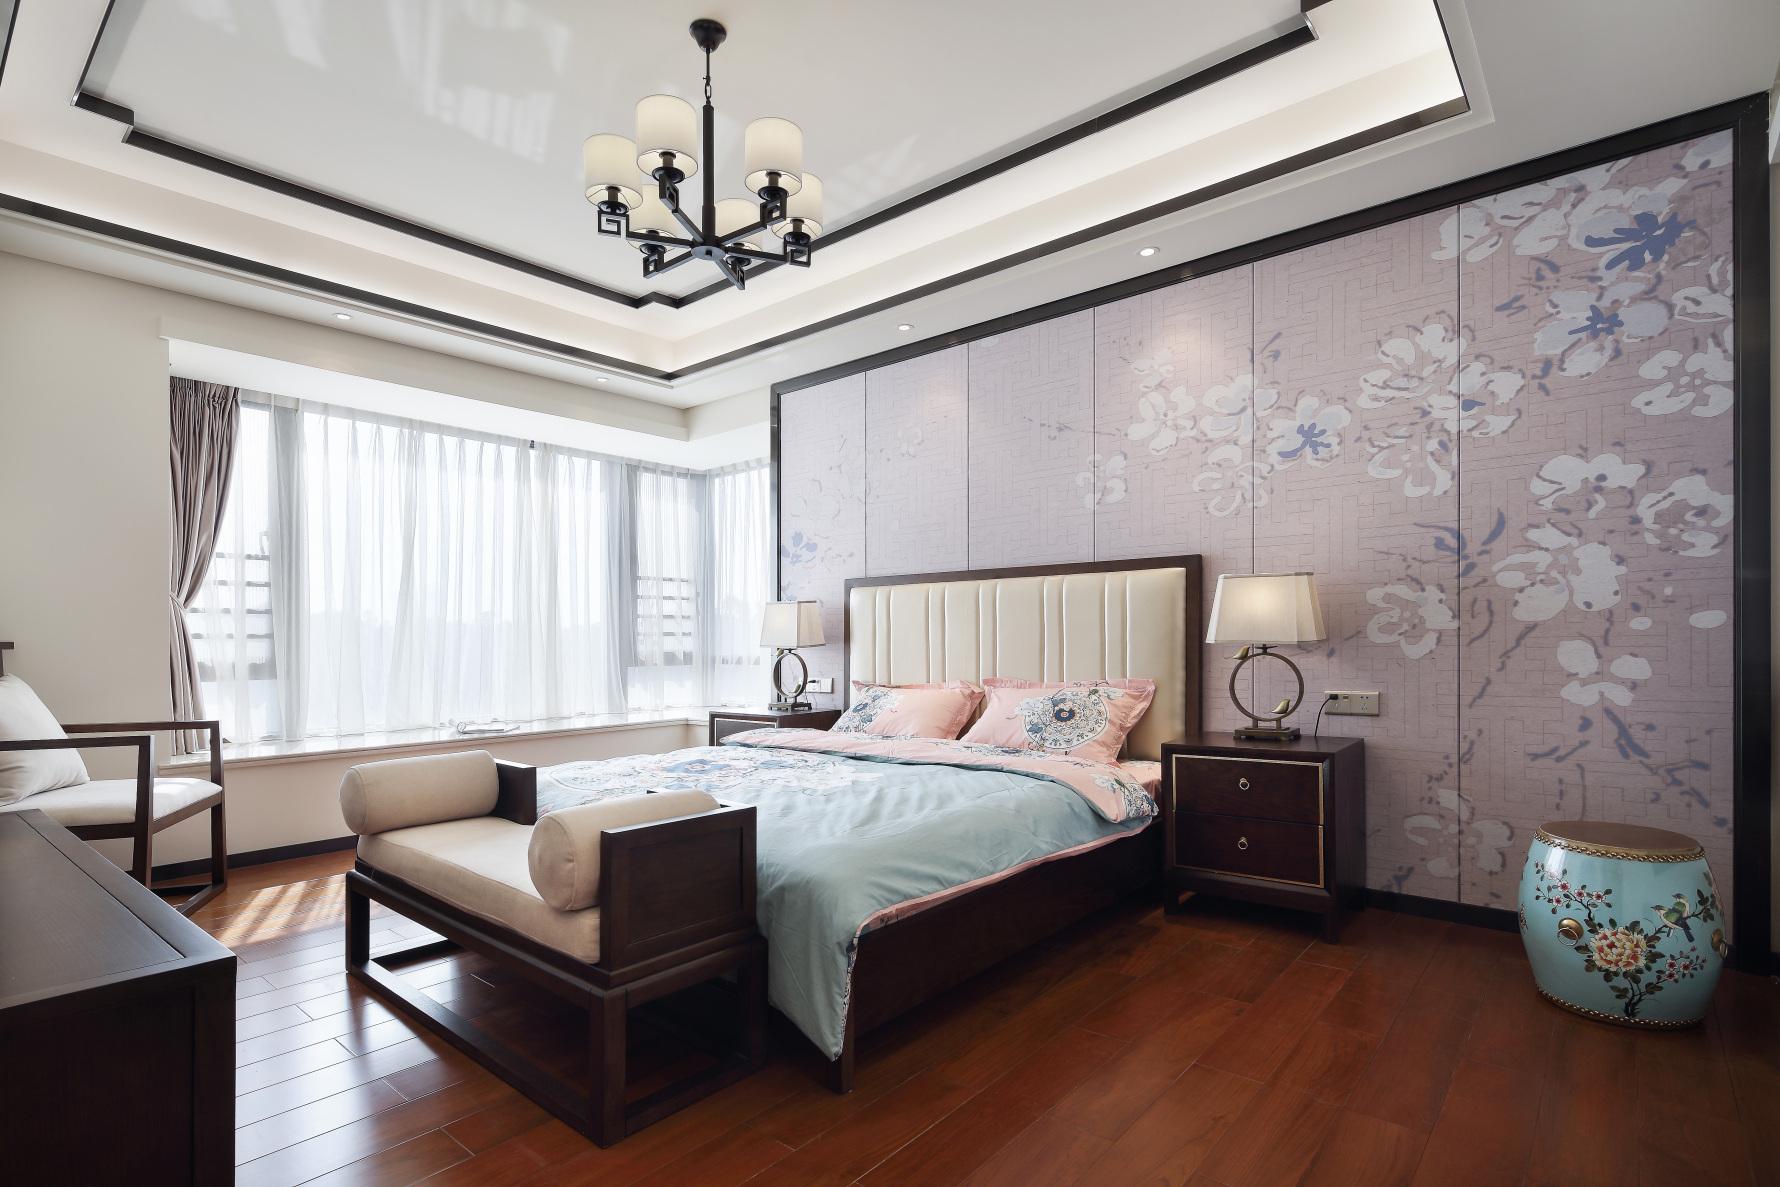 新中式吊灯温馨飘窗简约卧室装修风格